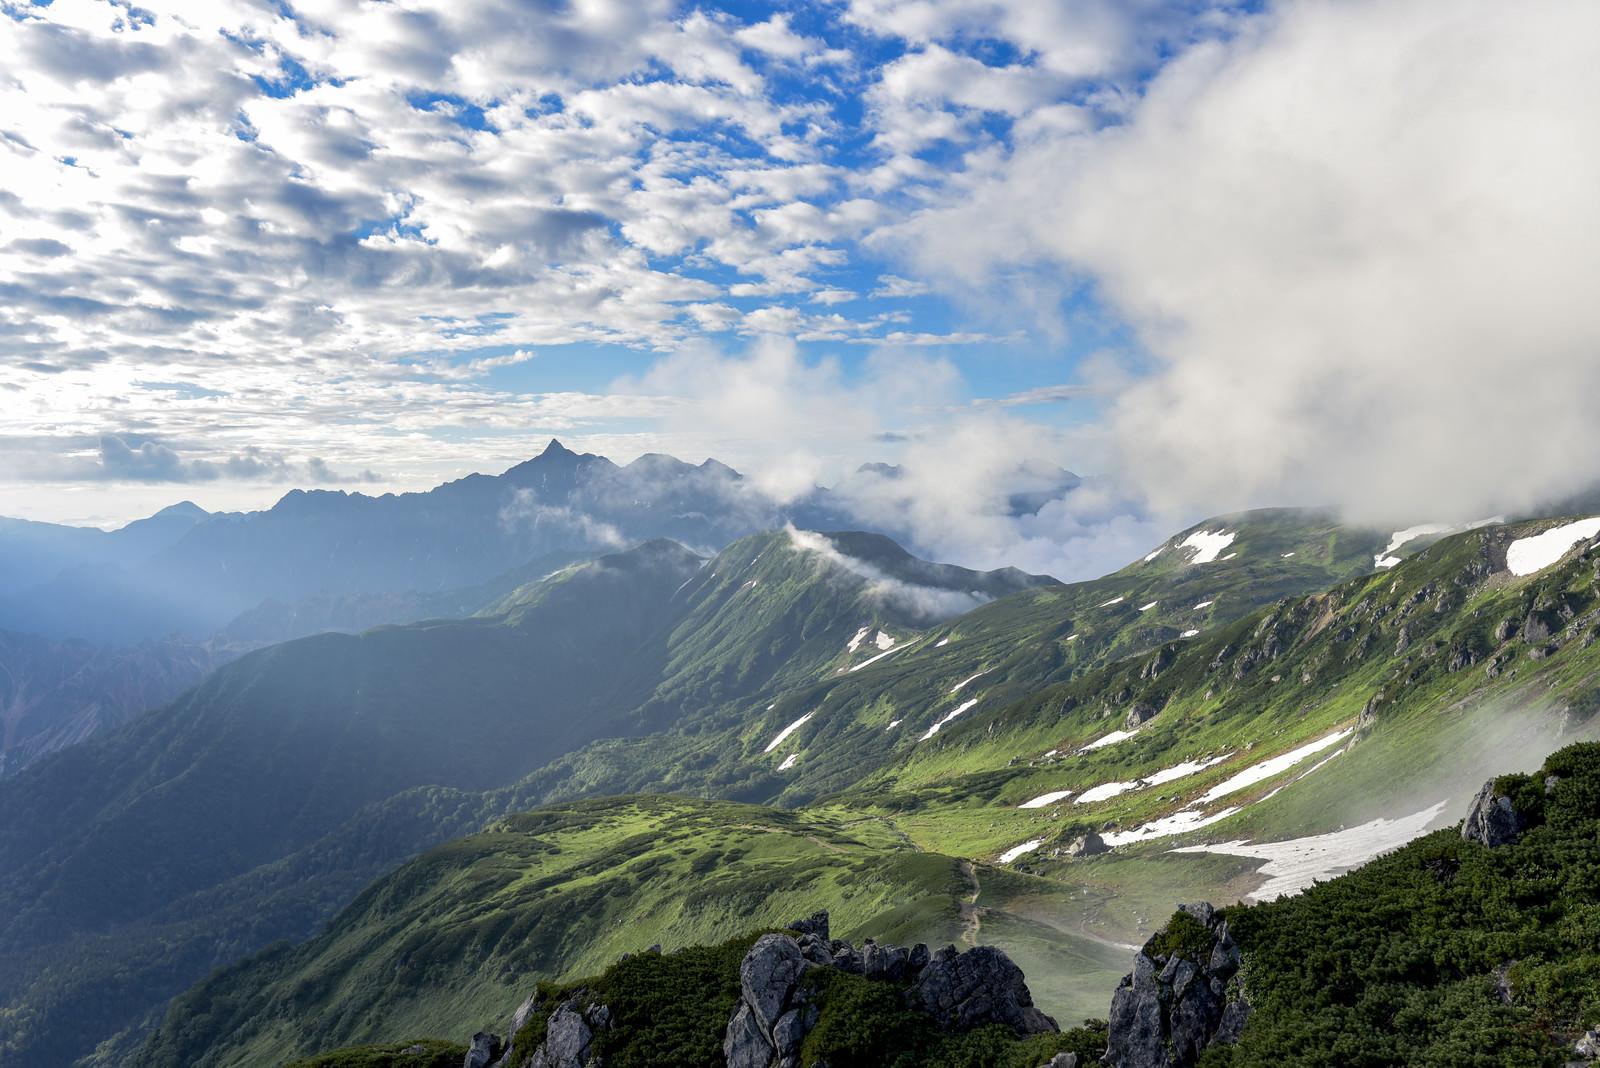 「朝日に照らされる双六山荘方面とシルエットの槍ヶ岳(水晶岳)」の写真